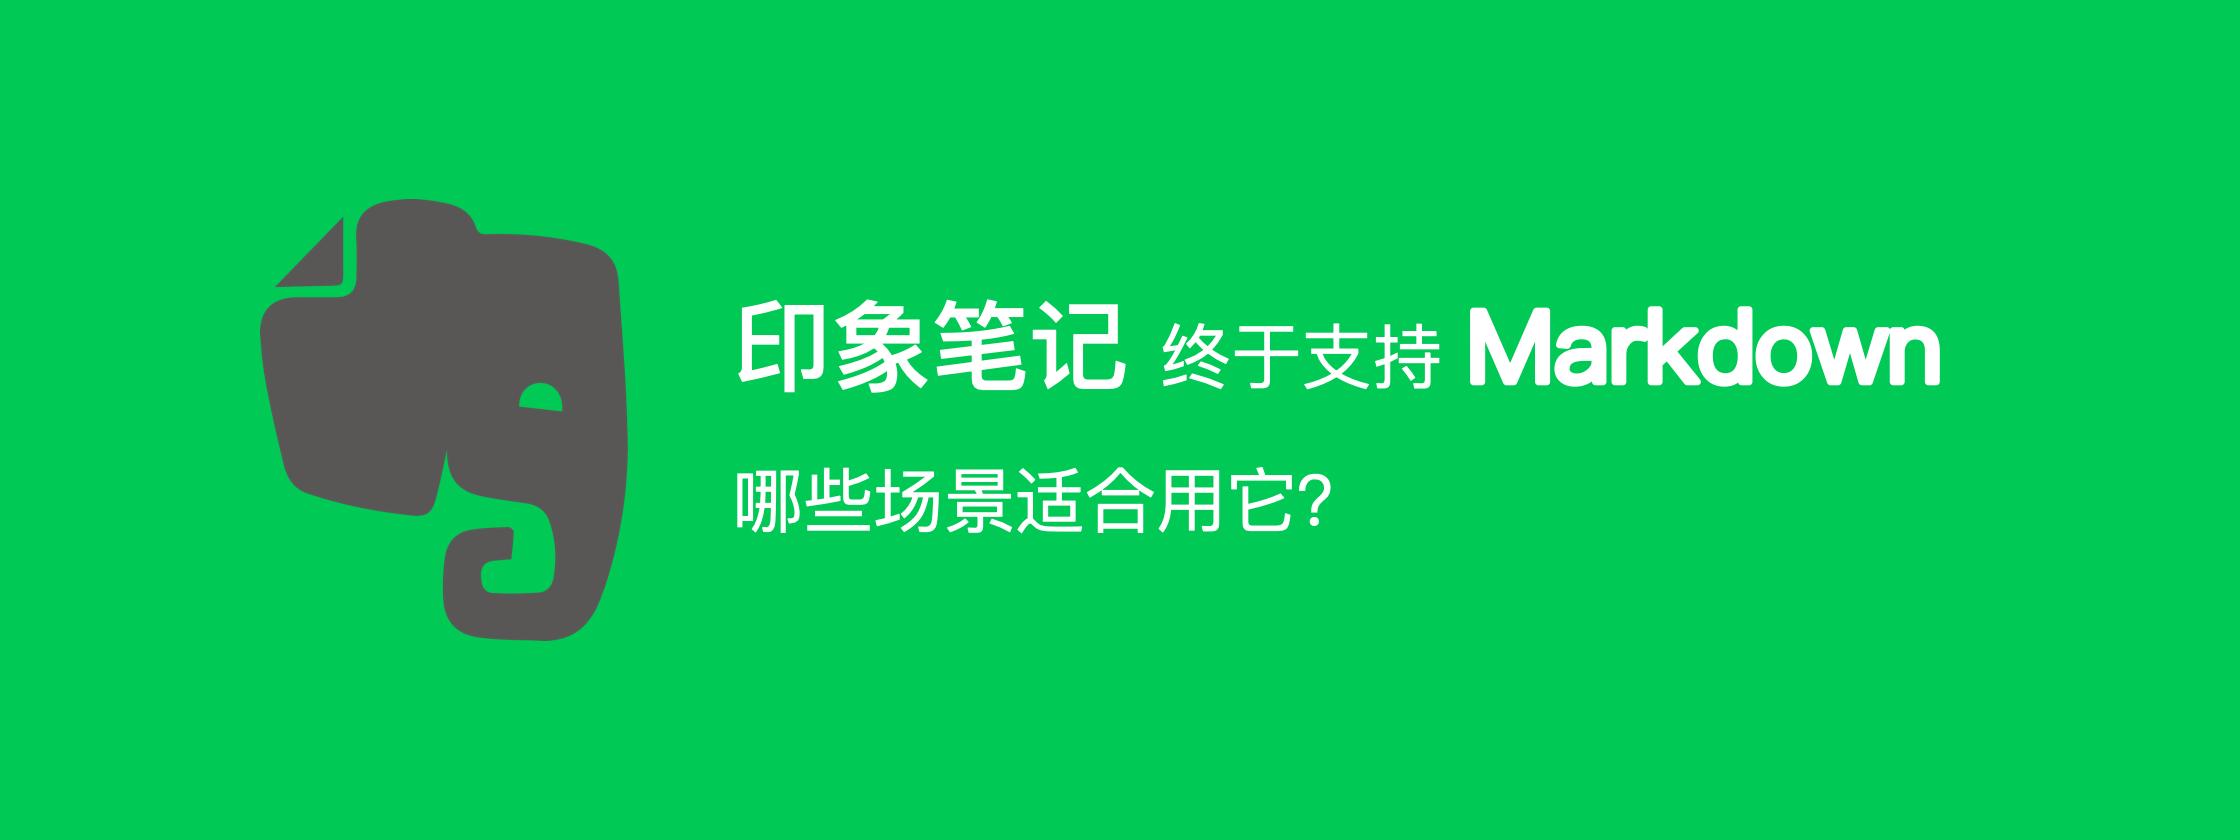 印象笔记终于支持 Markdown,哪些场景适合用它?